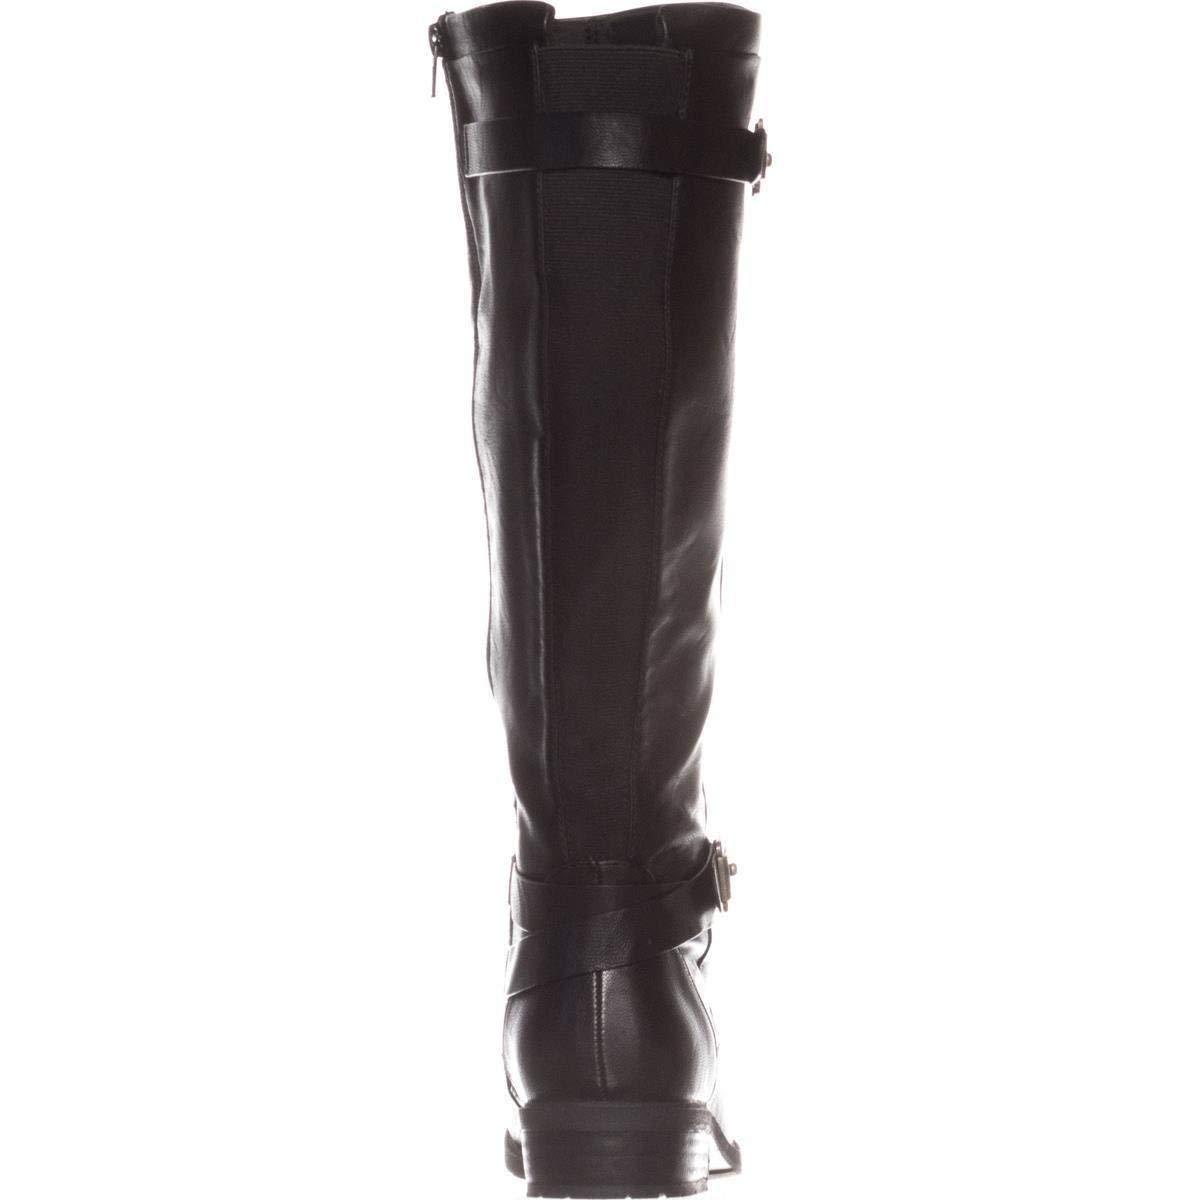 Bare Traps Frauen Frauen Frauen Yalina2 Weite Wadenoeffnung Geschlossener Zeh Fashion Stiefel 46f647